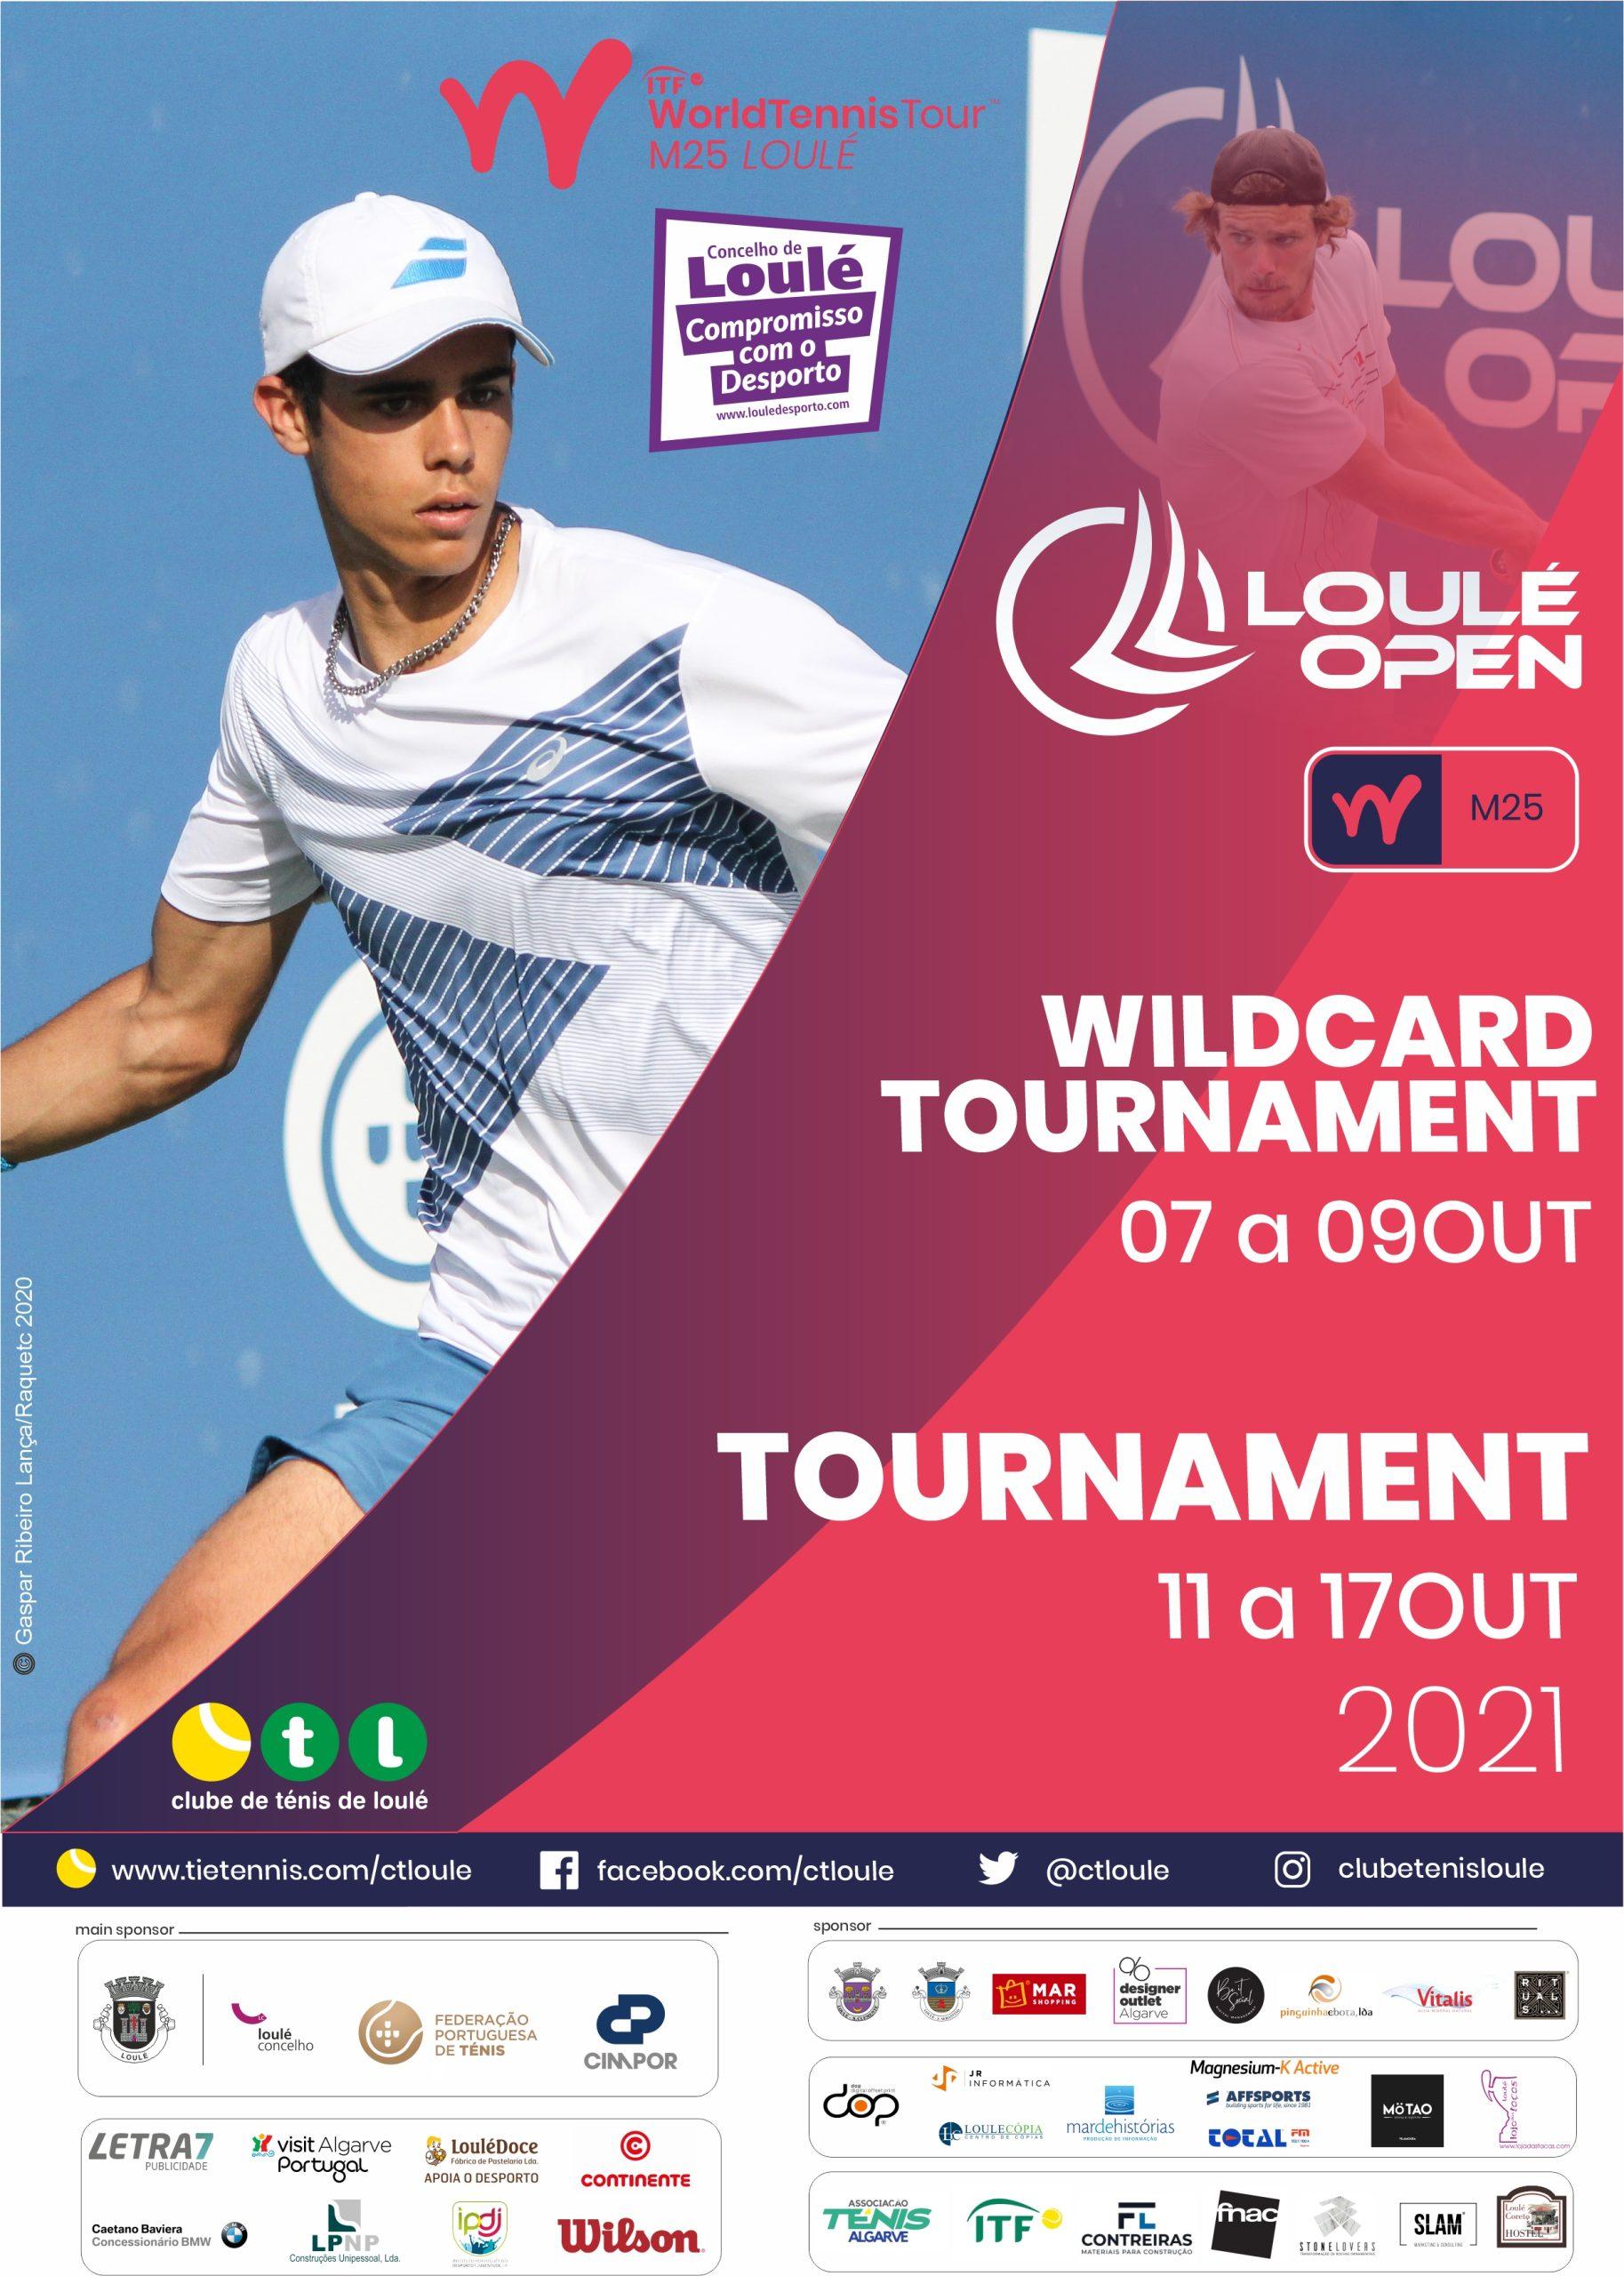 Loulé Open e Loulé Ladies Open 2021